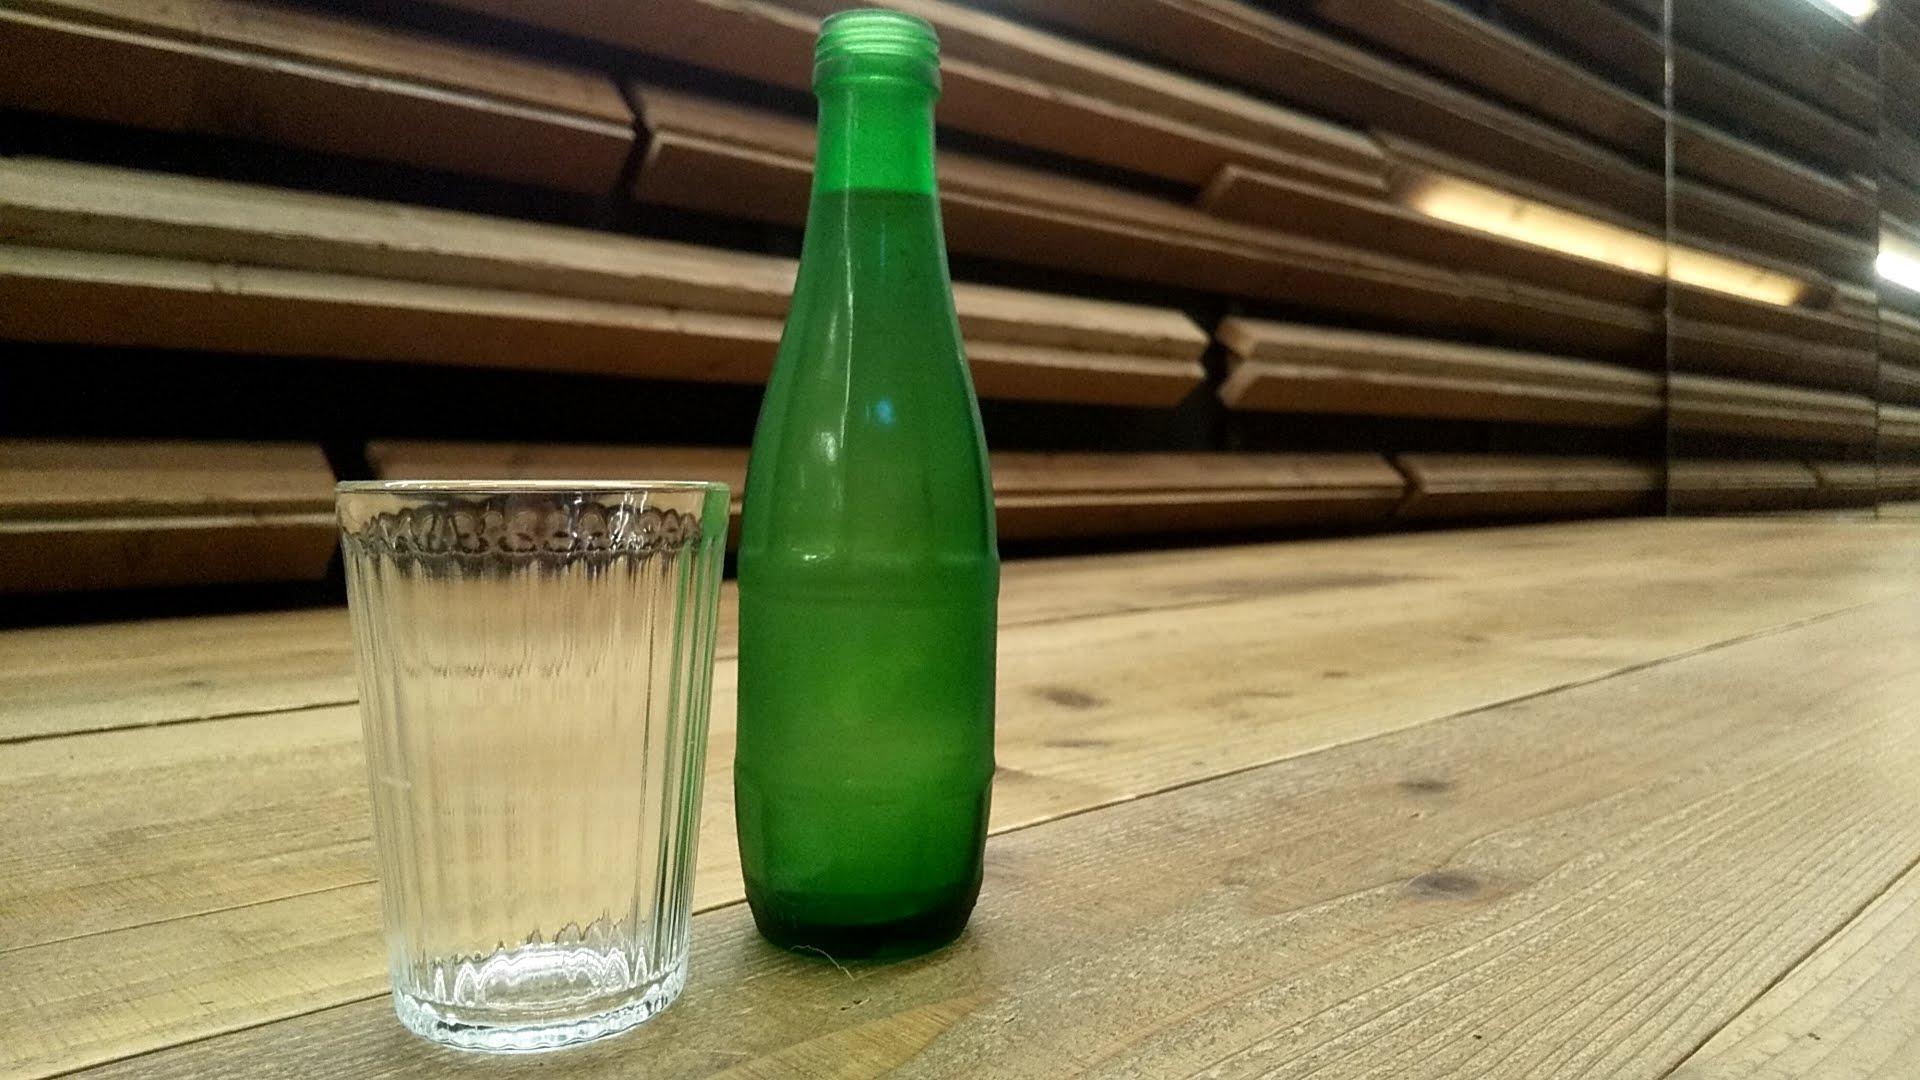 RamenドゥエEdoJapanで提供された水をまた頑張って綺麗に撮った写真